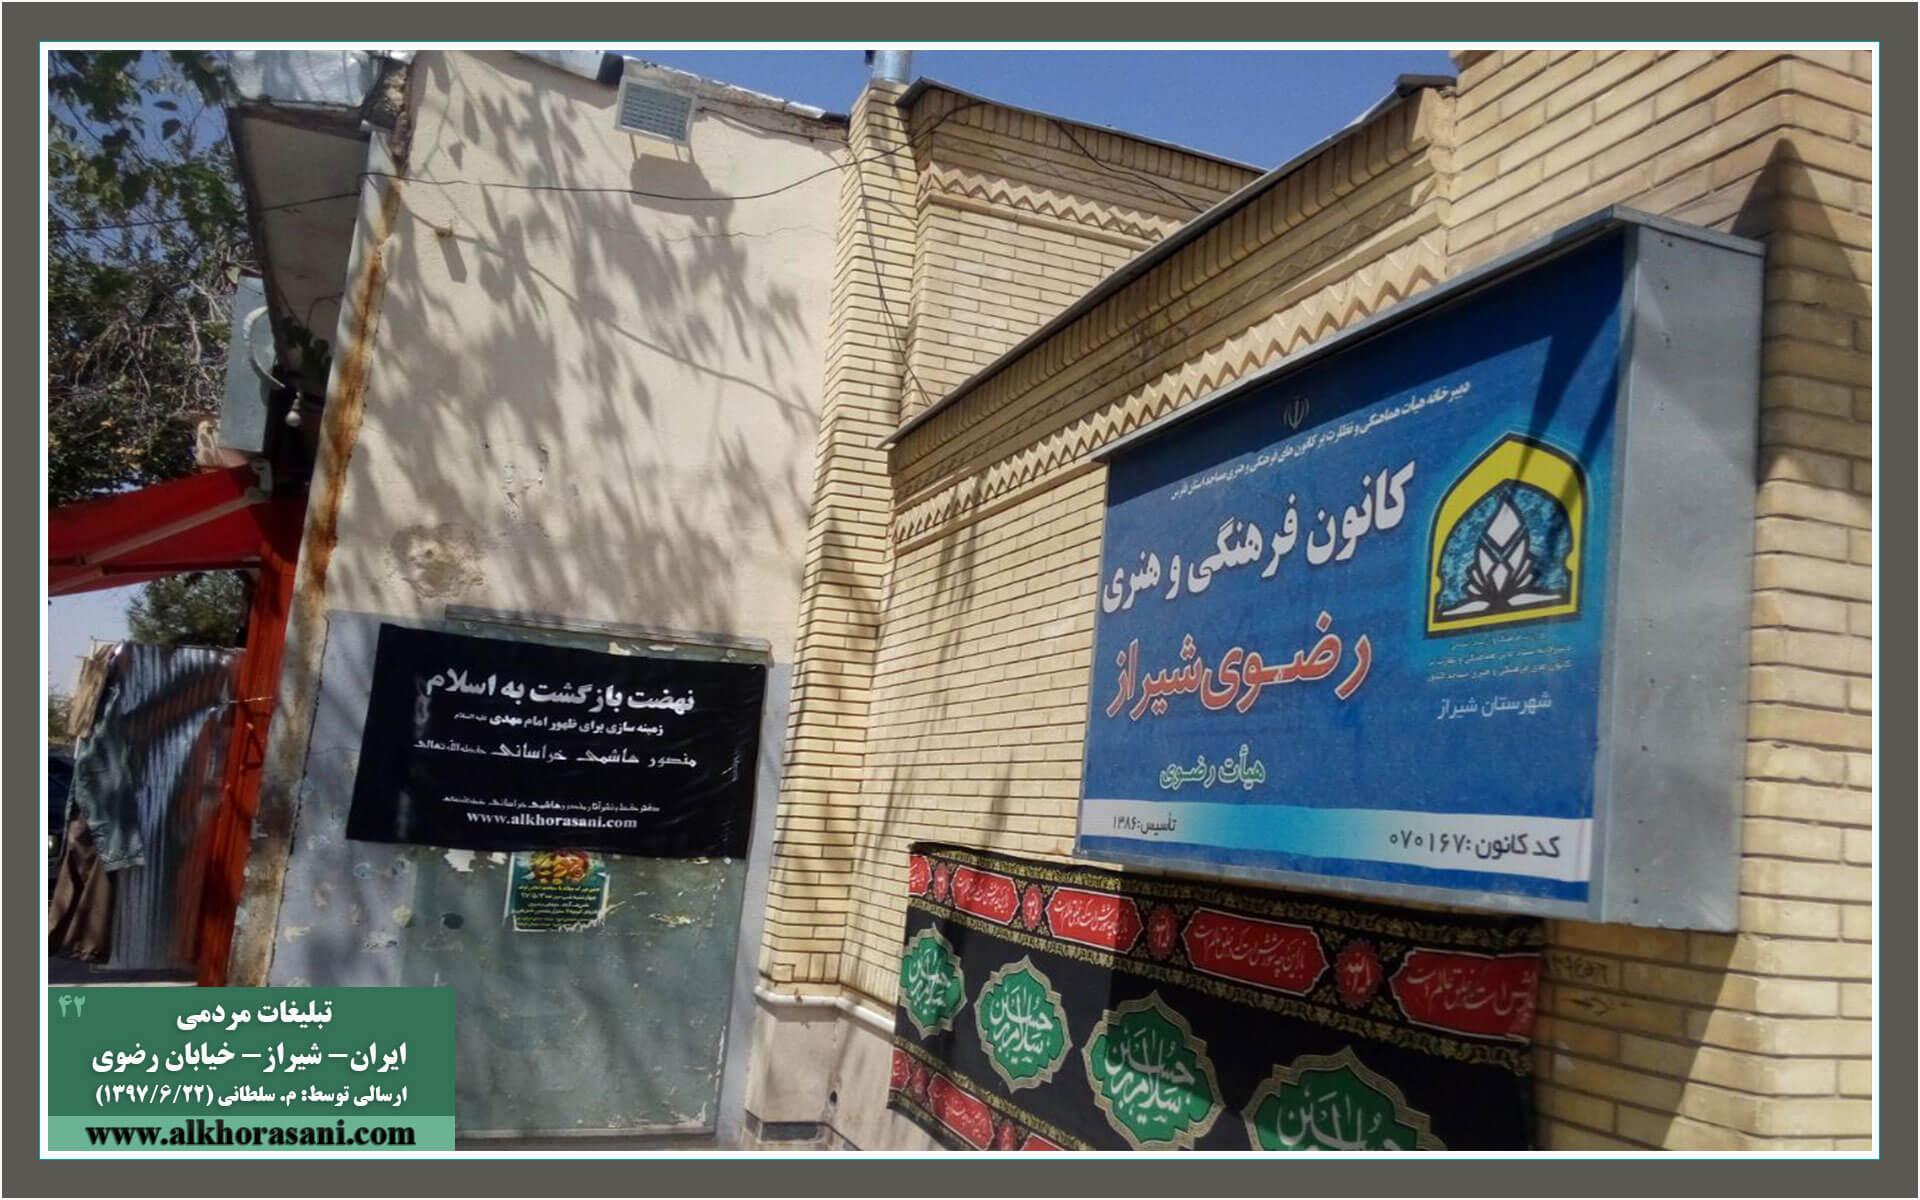 تبلیغات نهضت بازگشت به اسلام در شیراز